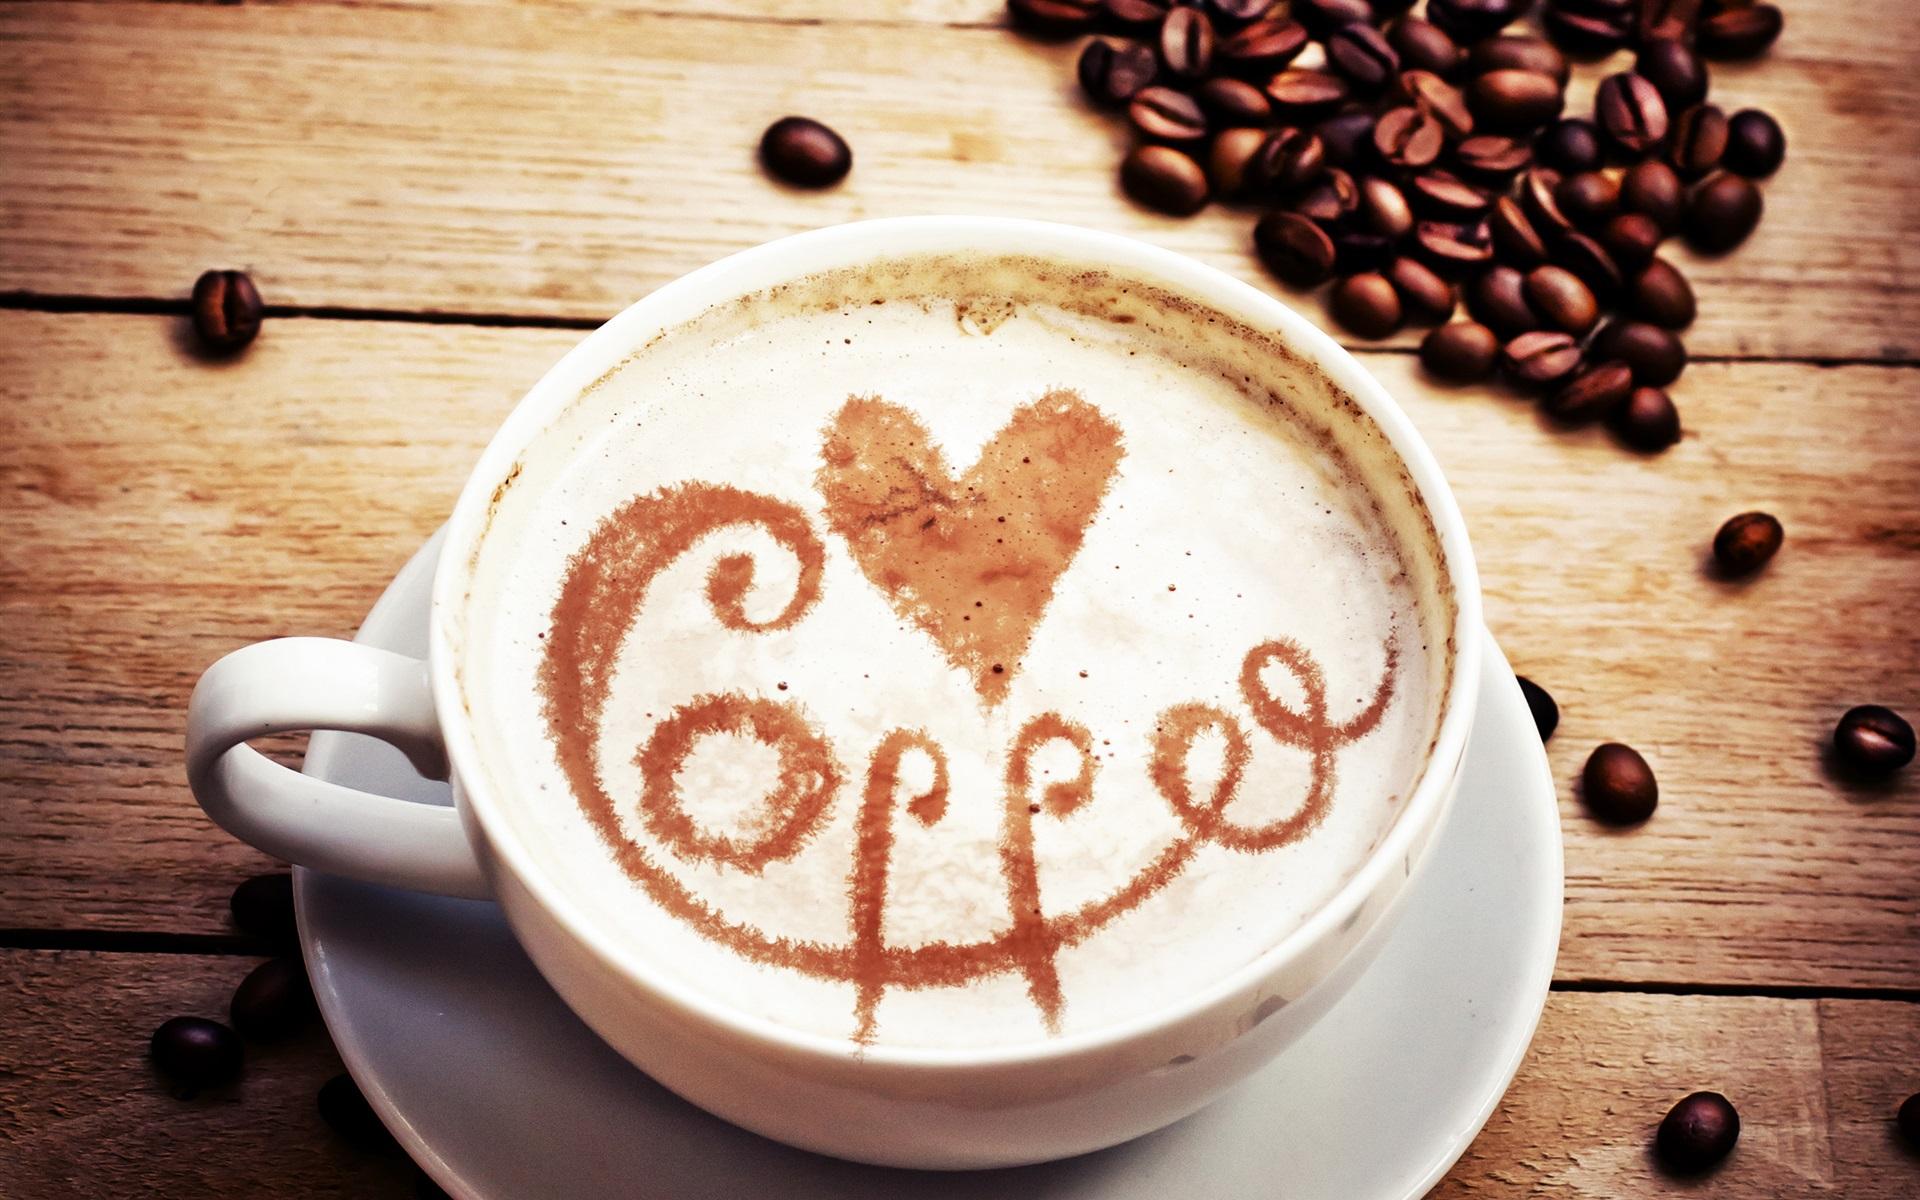 壁紙 カプチーノ、コーヒー、豆、愛の心 2560x1920 HD 無料のデスクトップの背景, 画像